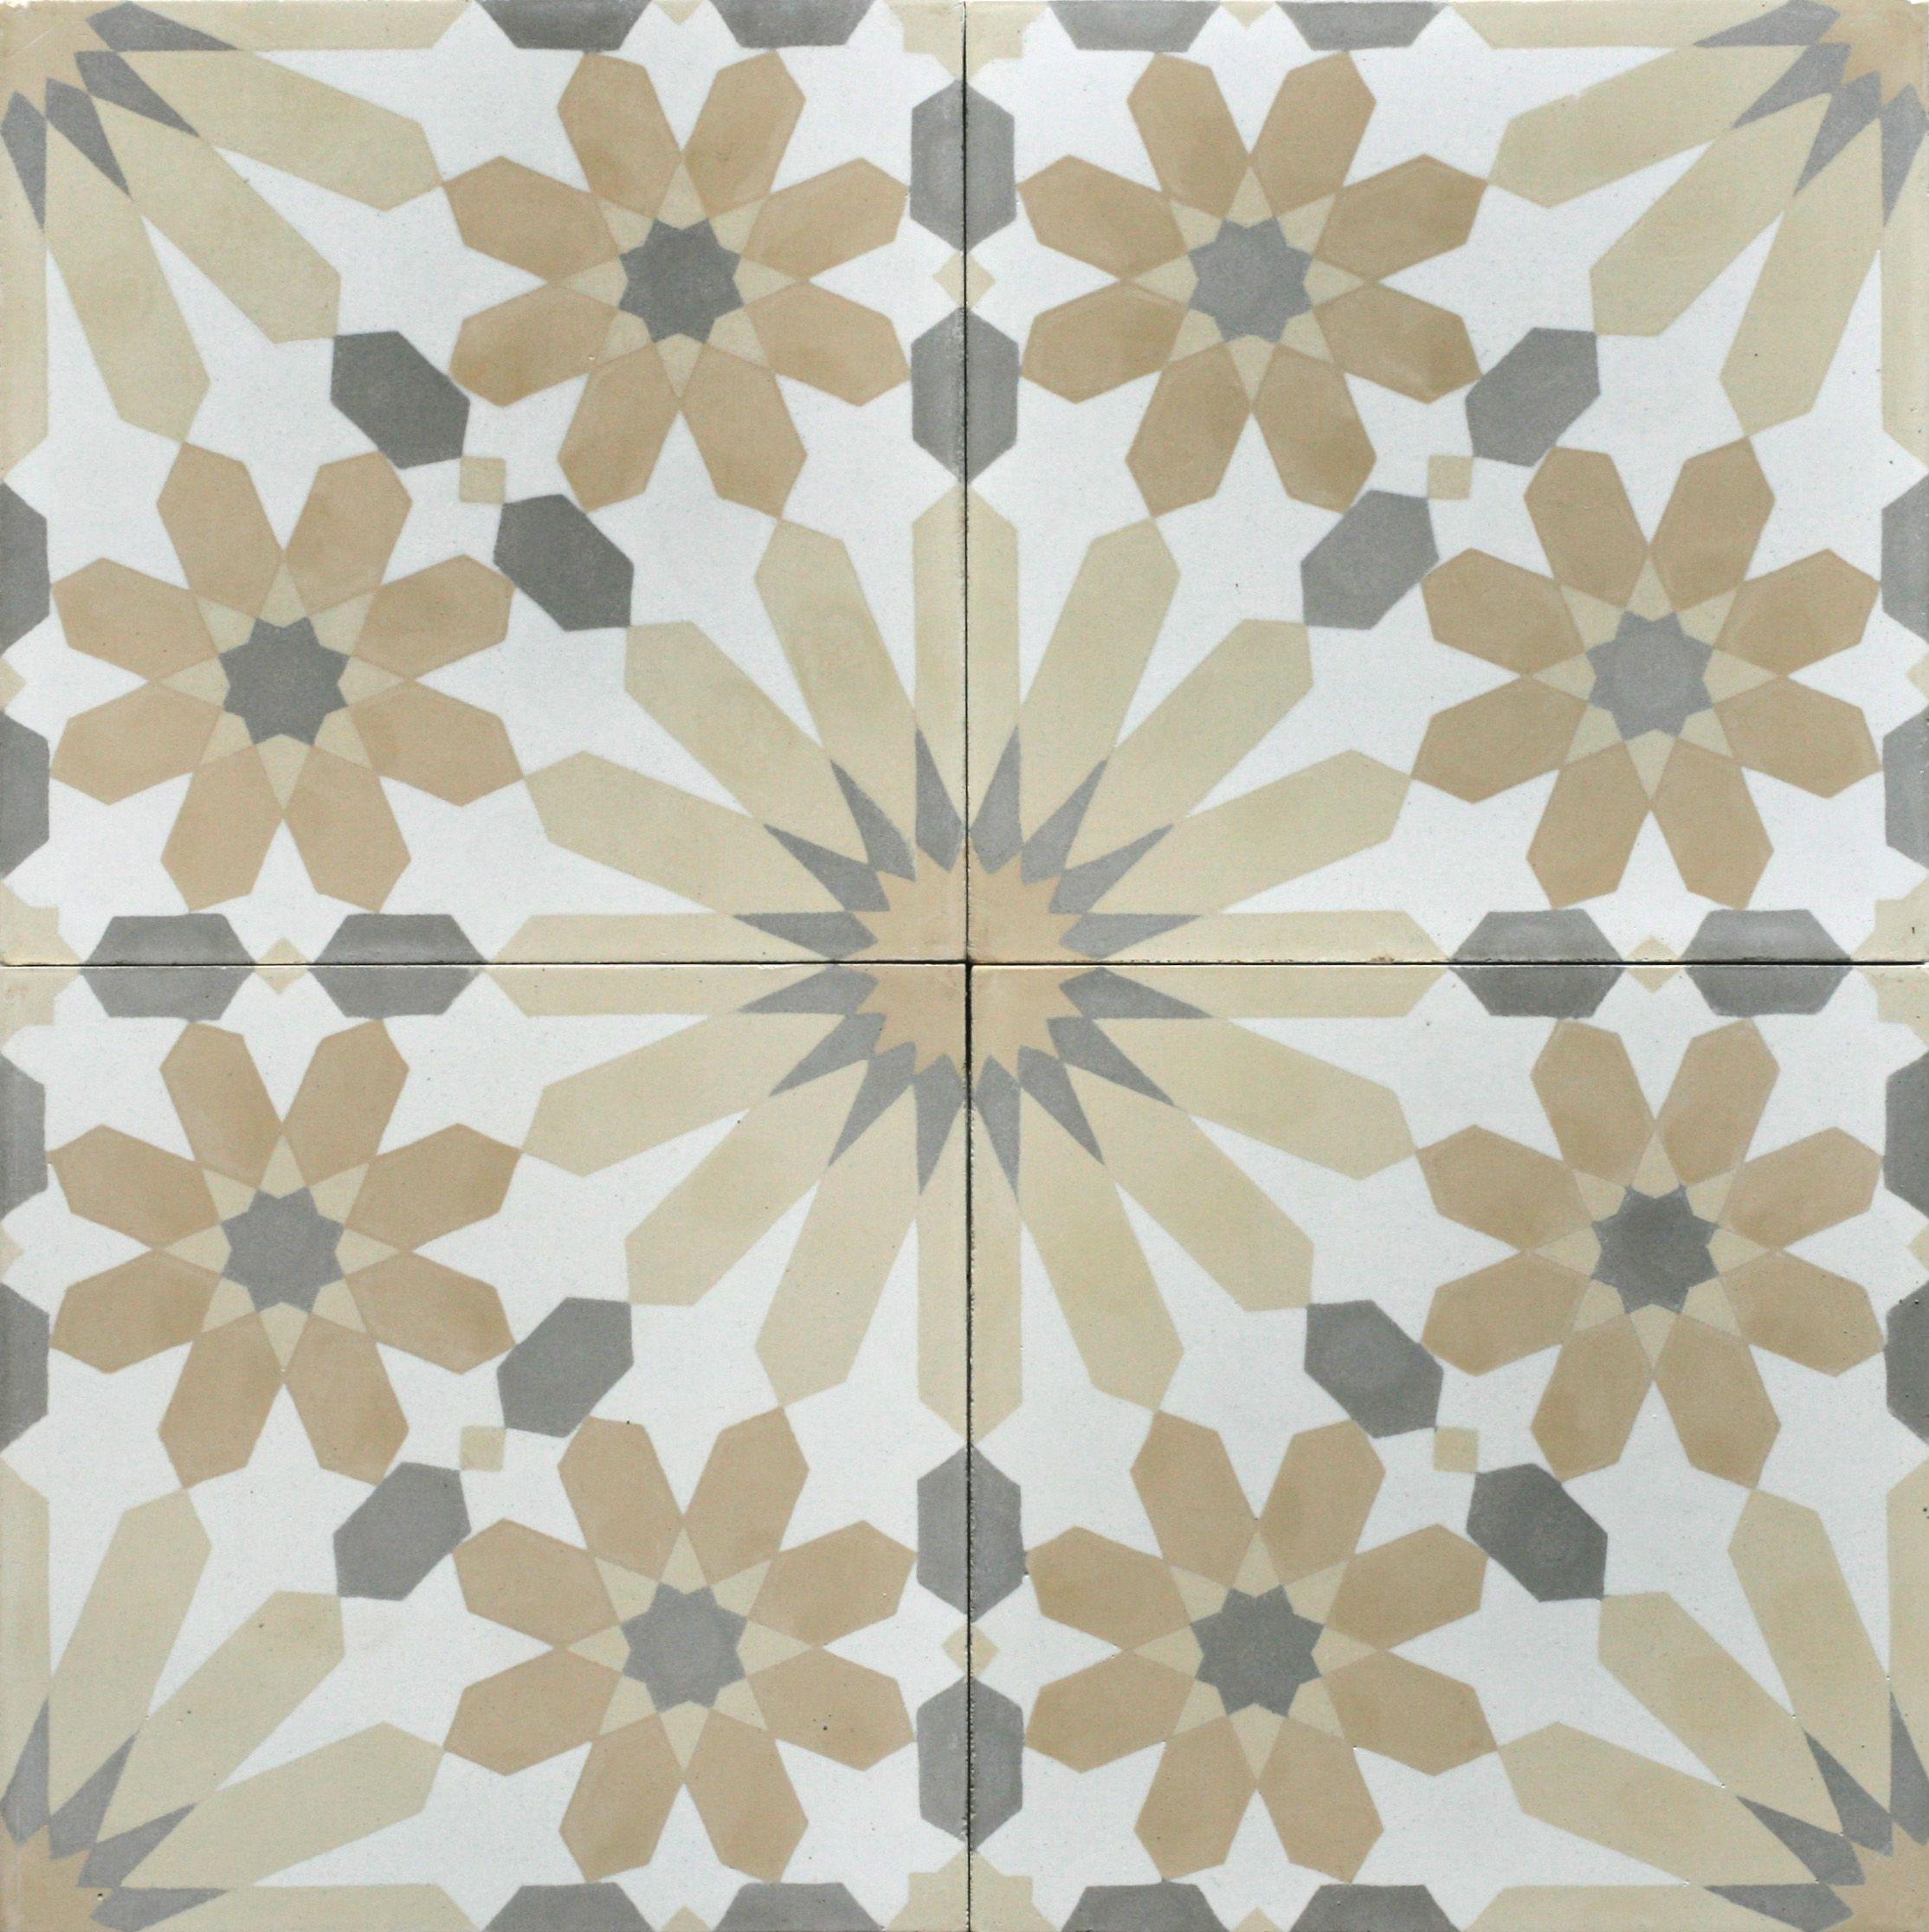 Casa Sands New Encaustic Cement Tile Bespoke Tile And Stone Encaustic Tile Cement Tile Encaustic Cement Tile